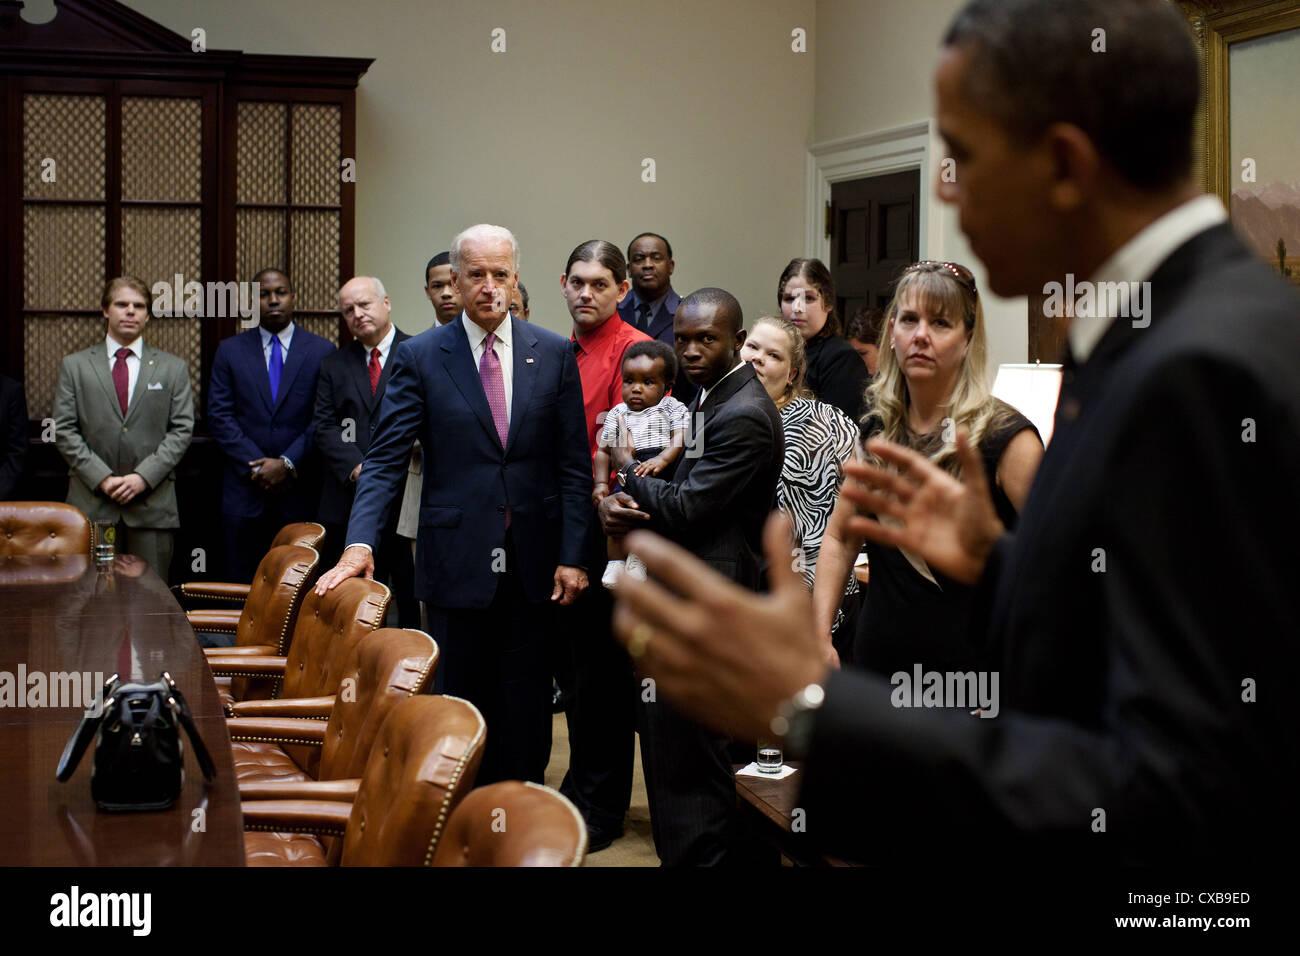 Il Presidente Usa Barack Obama e il Vice Presidente Joe Biden salutare un gruppo di insegnanti, veterani, primi responder e i proprietari di affari, 12 settembre 2011 nella sala Roosevelt della Casa Bianca prima di fare una dichiarazione sulla American Jobs Act. Foto Stock